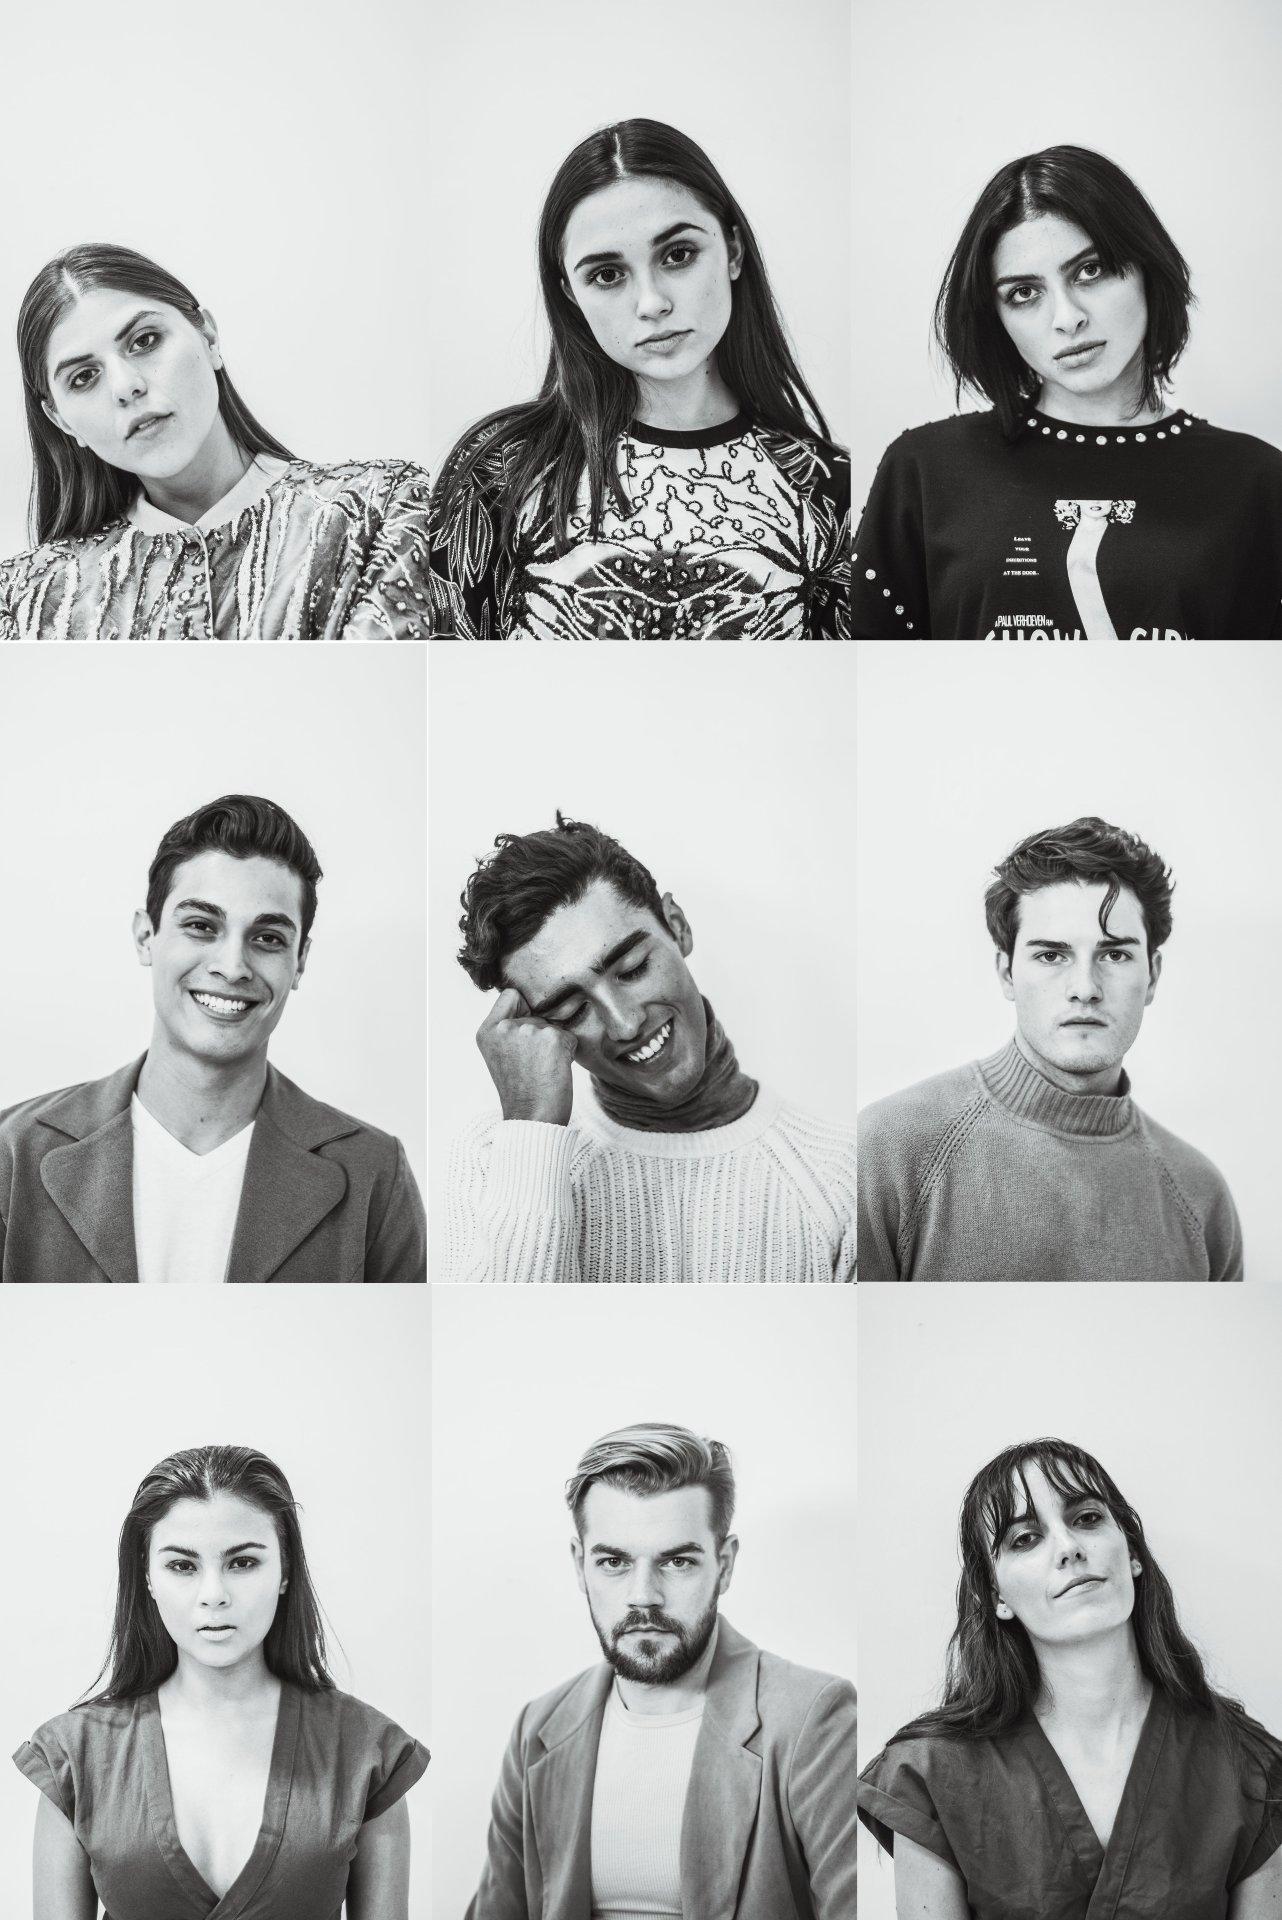 Backstage de nuestra camapaña COVER 2019 con nuestros modelos In Town y New Faces en Guadalajara, México.Backstage of our new COVER Campaign 2019 with our New Faces and In Town models in Guadalajara, México.